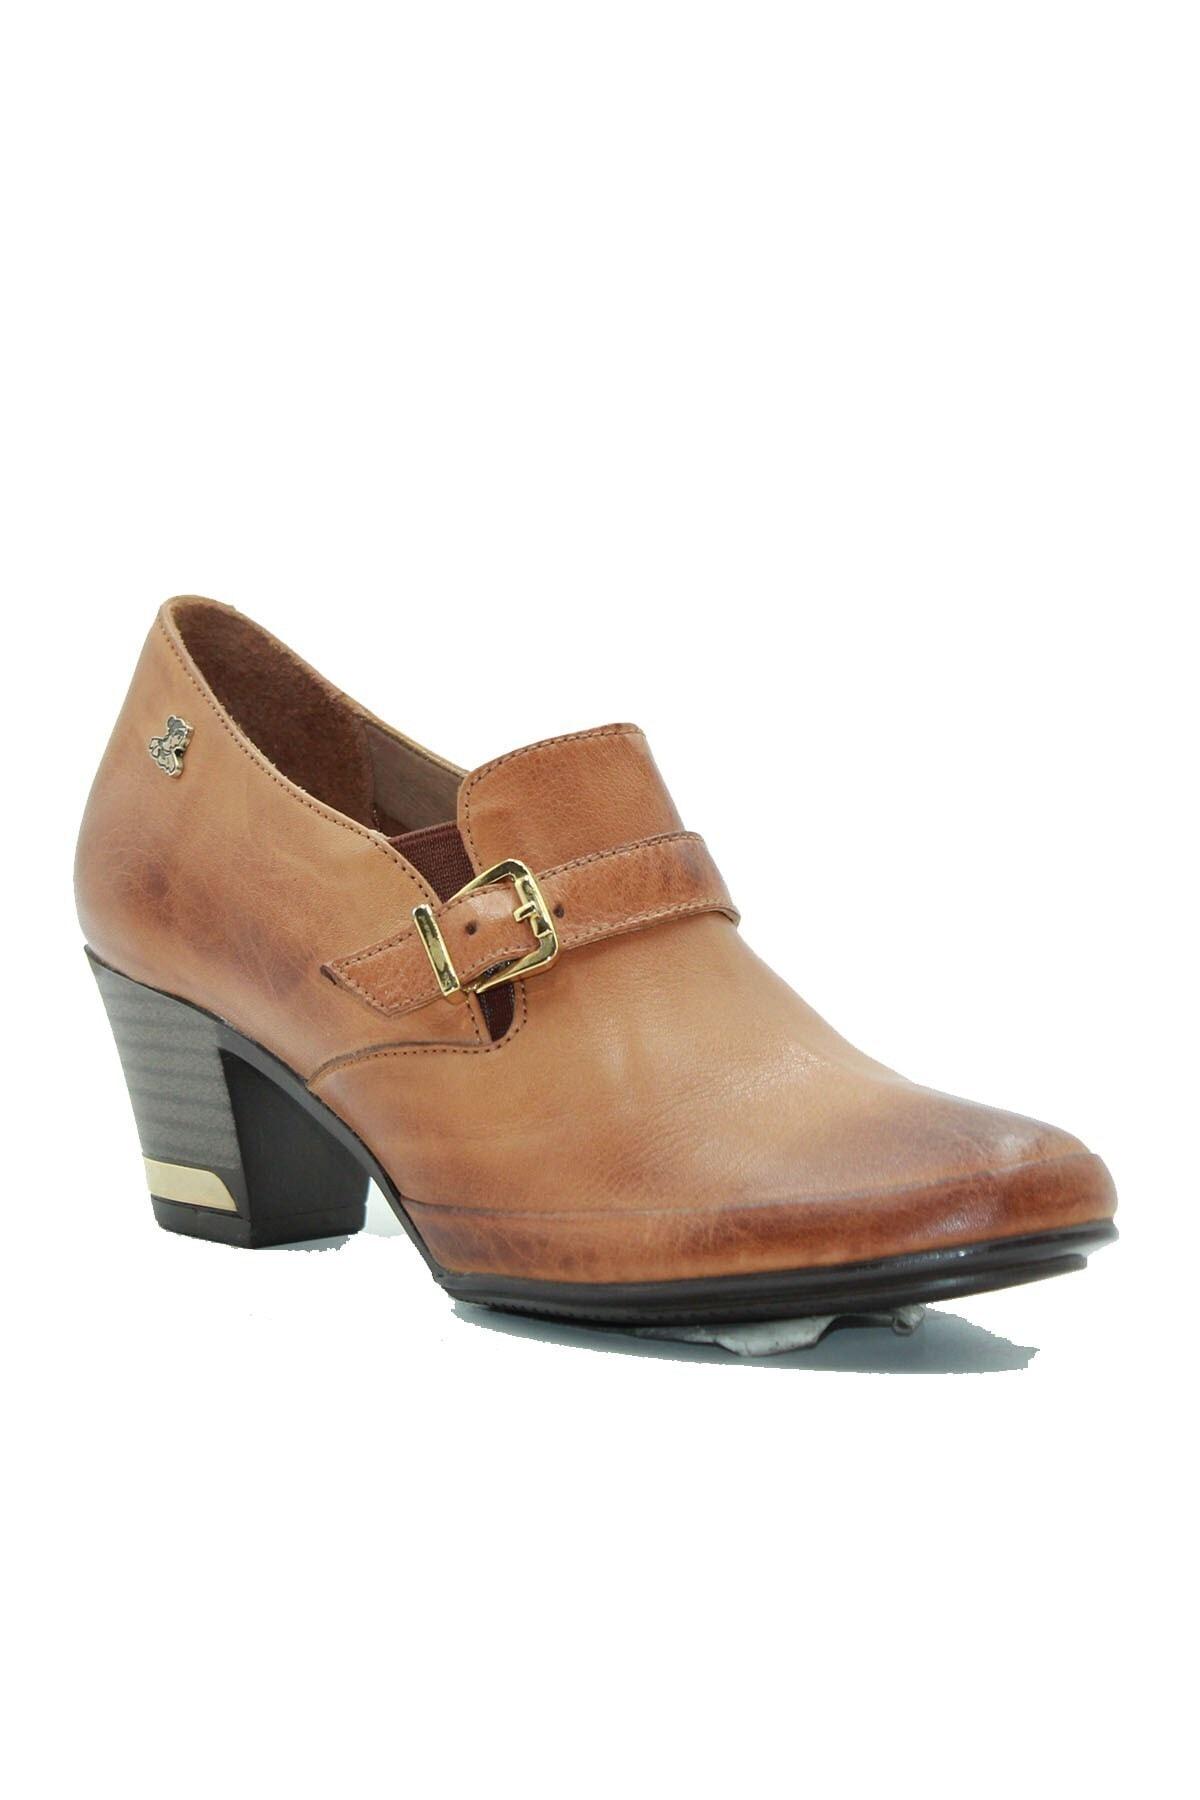 Venüs 1348y Deri Kadın Günlük Ayakkabı 1